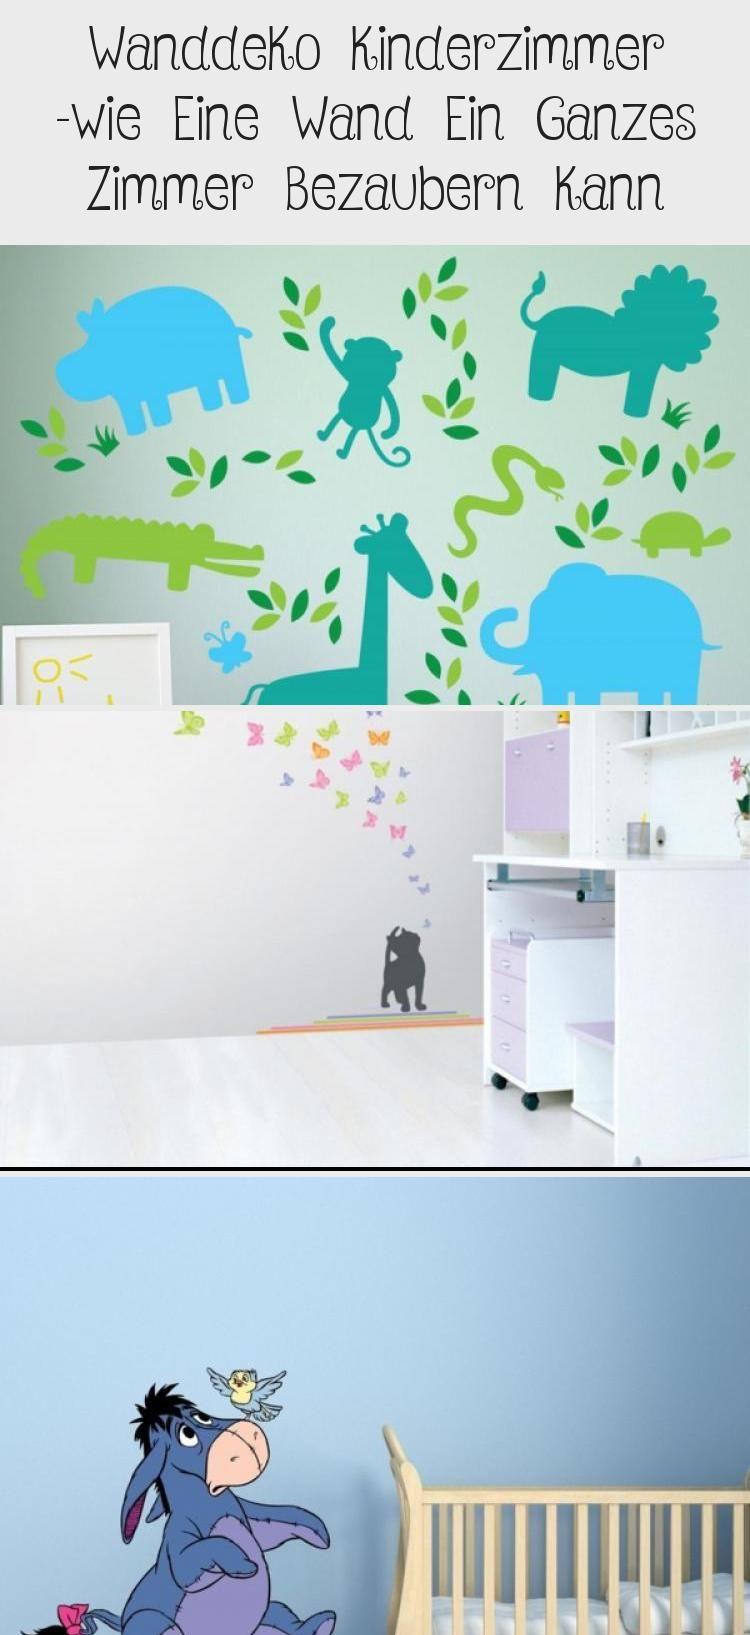 Wanddeko Kinderzimmer wie Eine Wand Ein Ganzes Zimmer